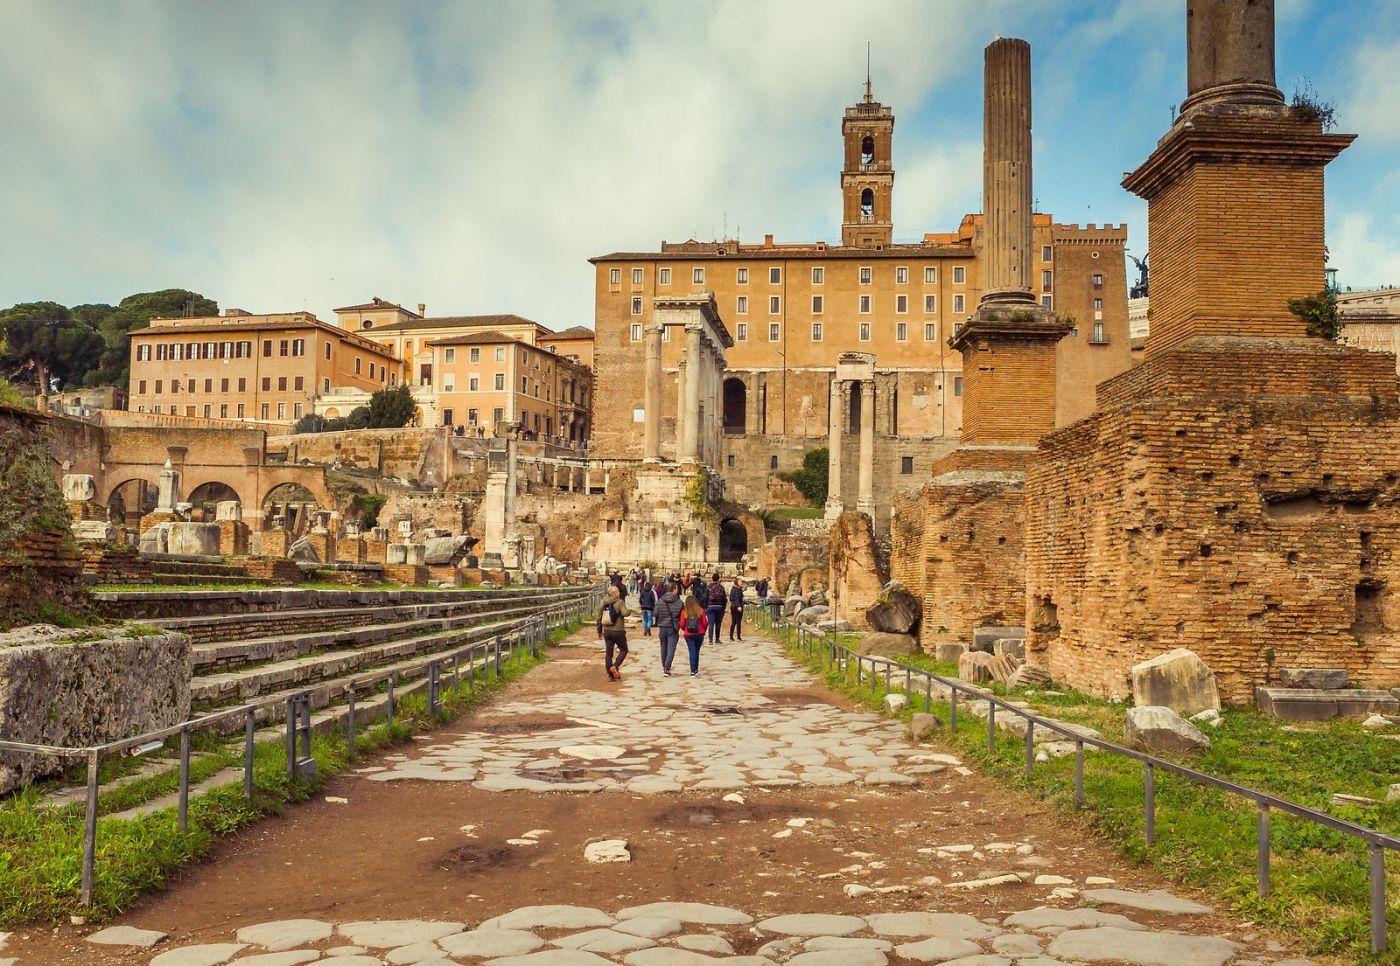 意大利罗马论坛,二千年的历史_图1-39